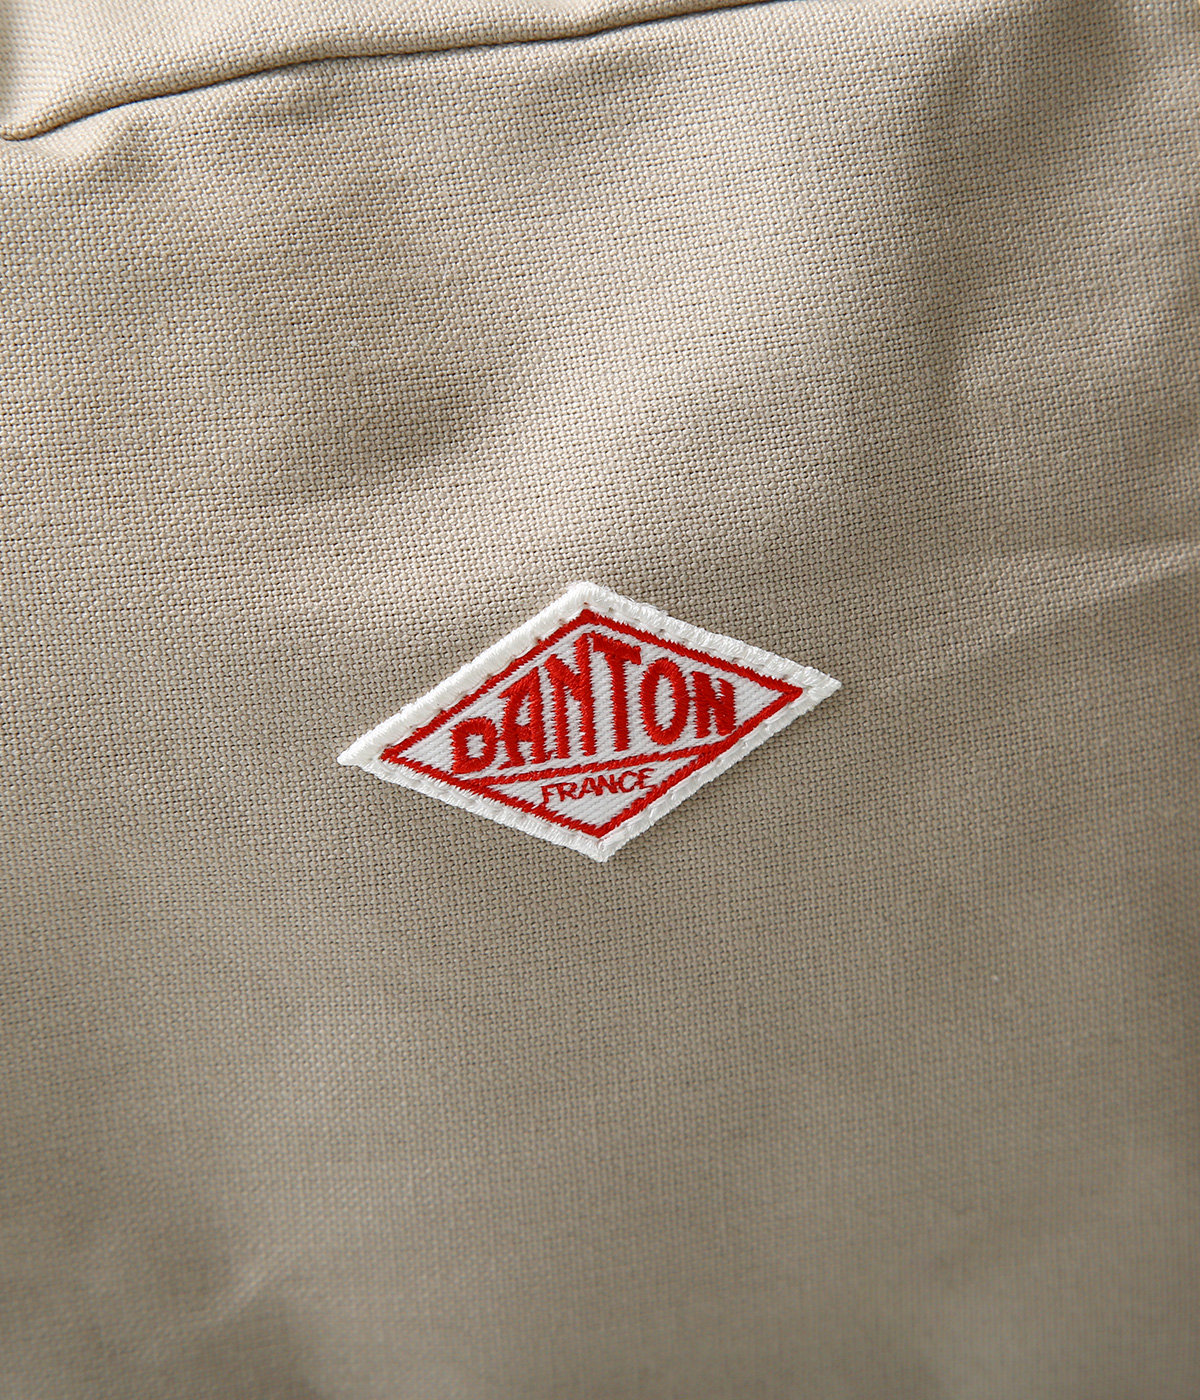 COTTON CANVAS UTILITY BAG